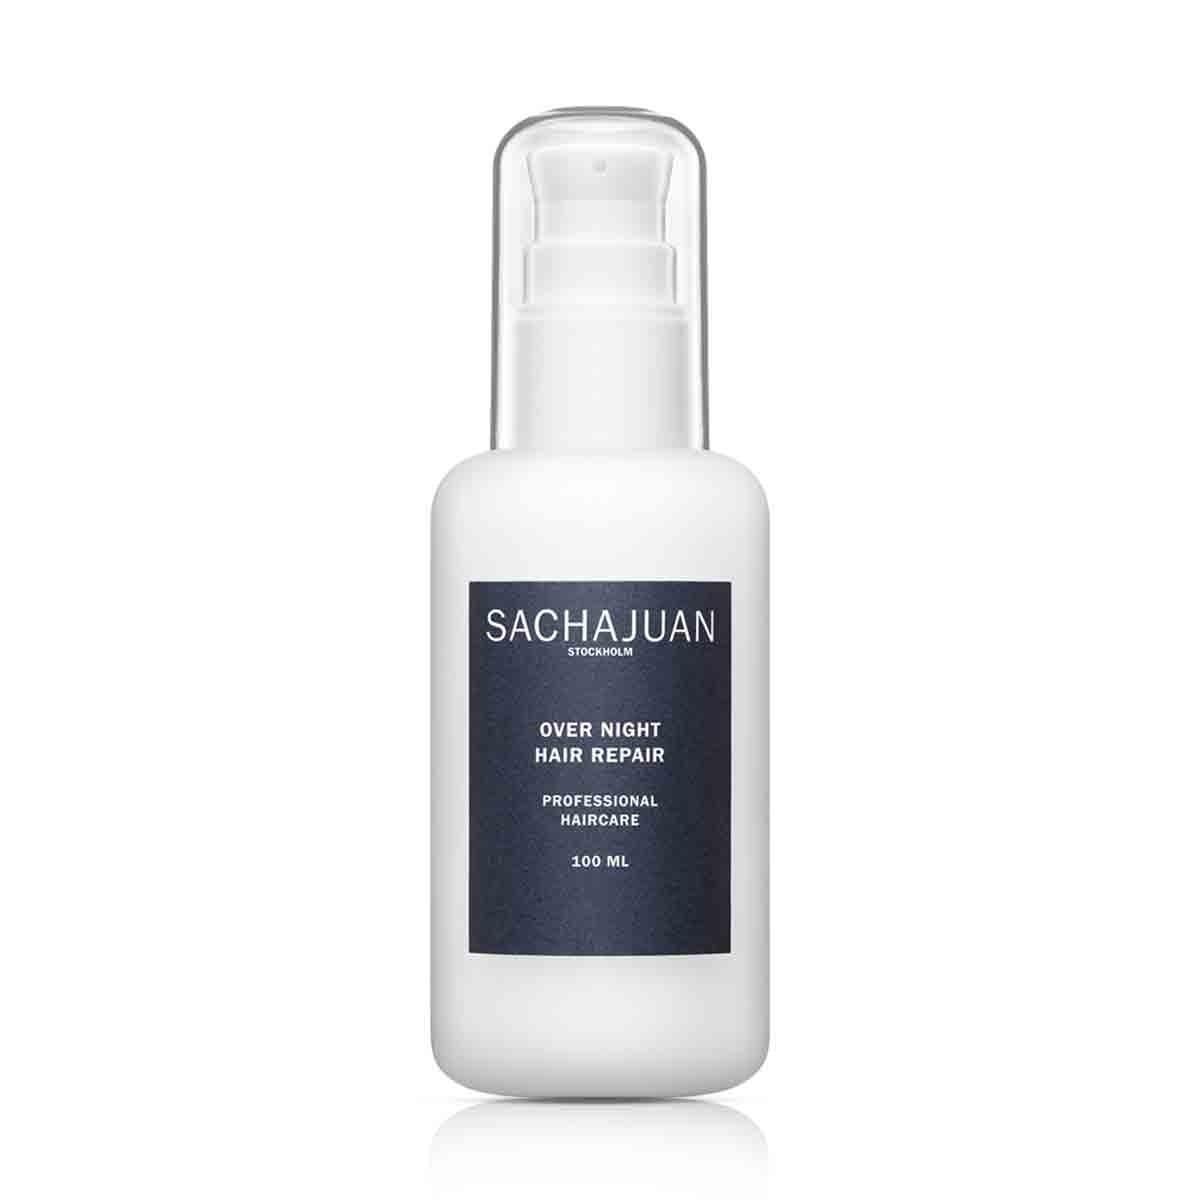 Sachajuan Over Night Hair Repair 100 ml